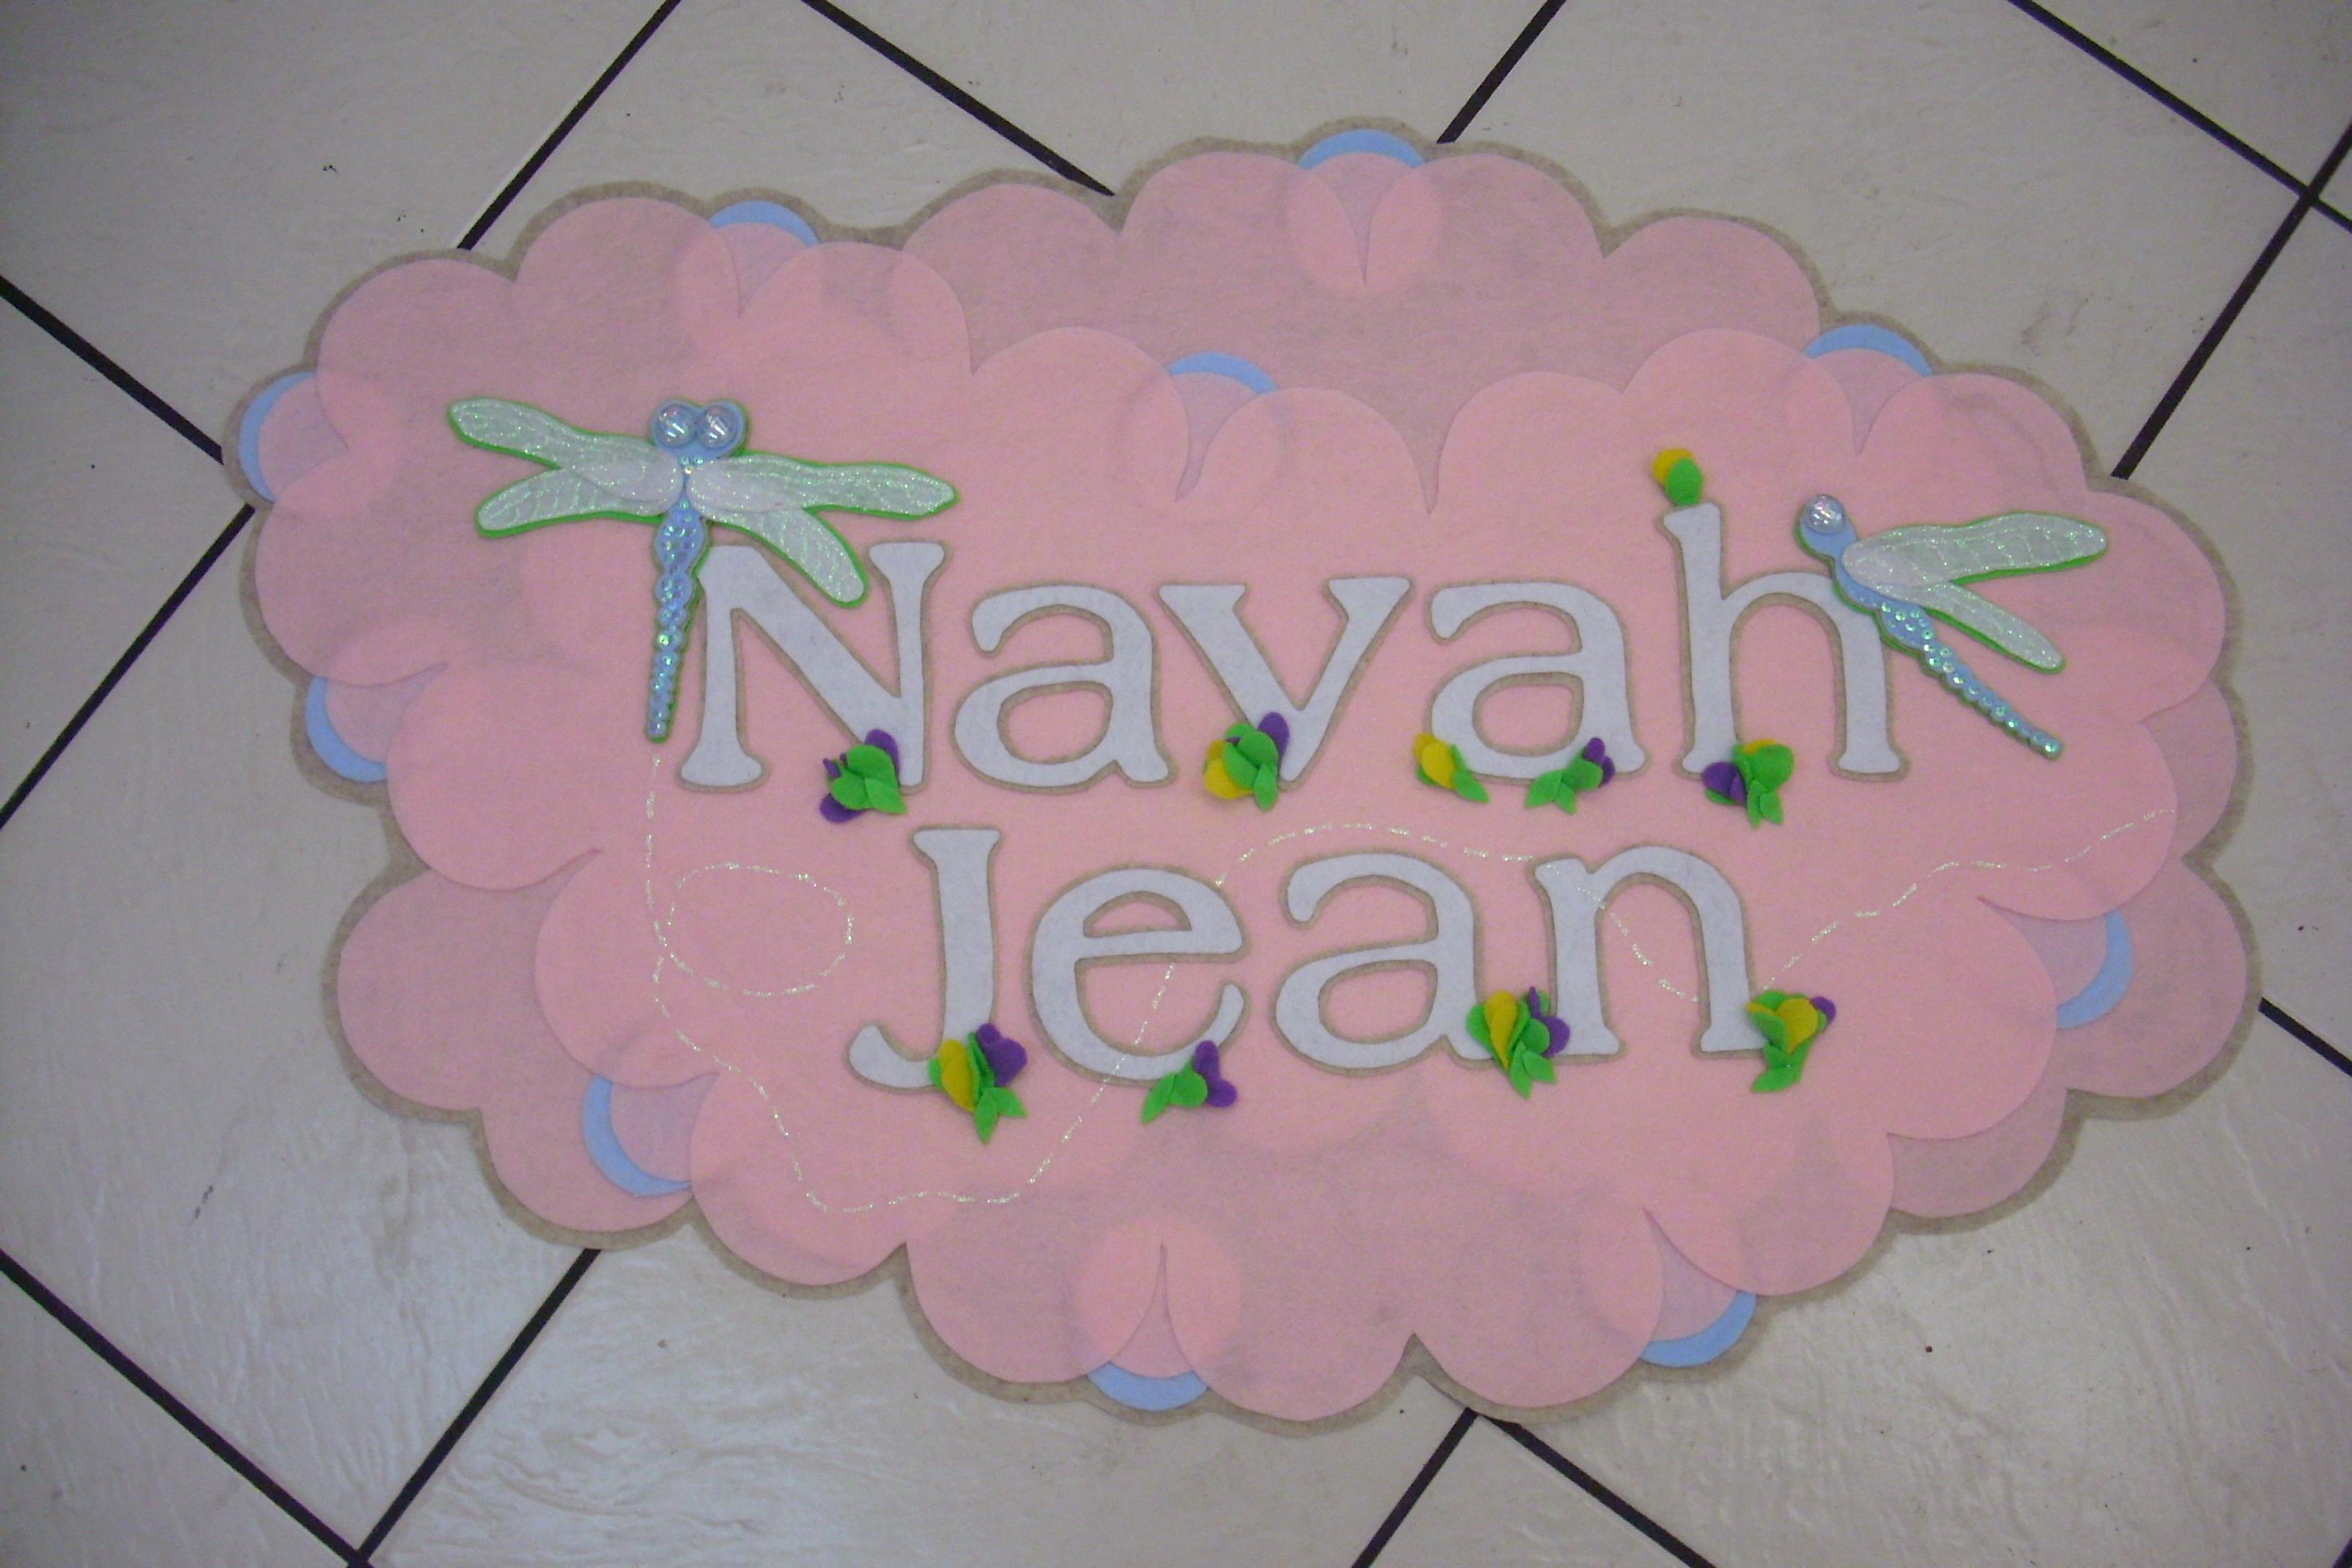 Navah Jean